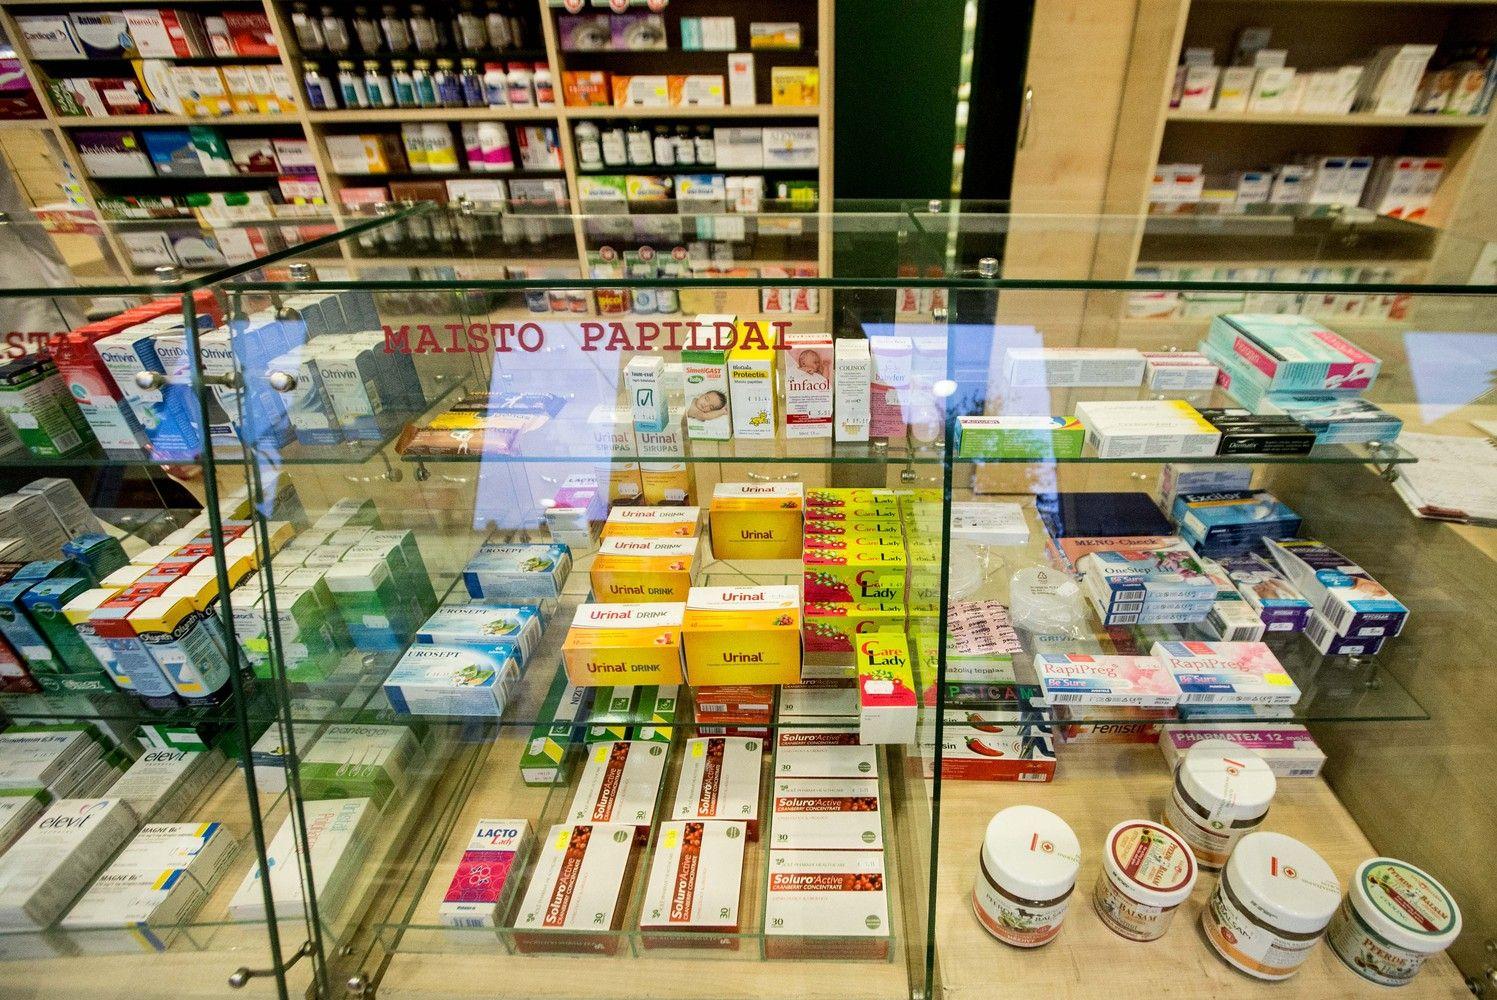 Daugelis vaistų gamintojų pateikė žemesnes kainas